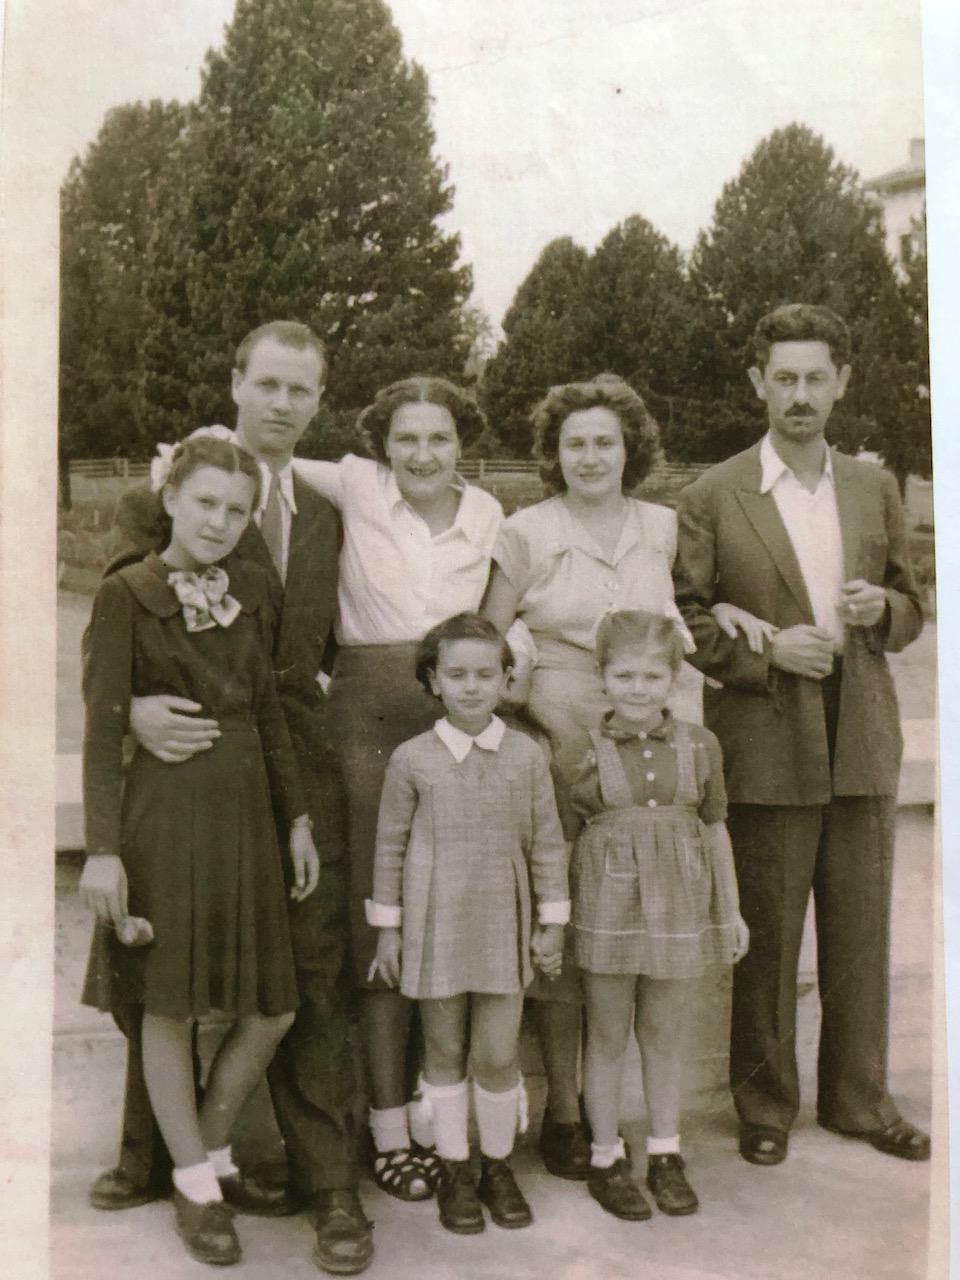 Opapa, primul din dreapta, randul de sus, Omama, a treia din dreapta, randul de sus si mama, fetita din mijloc, probabil ca prin 1950